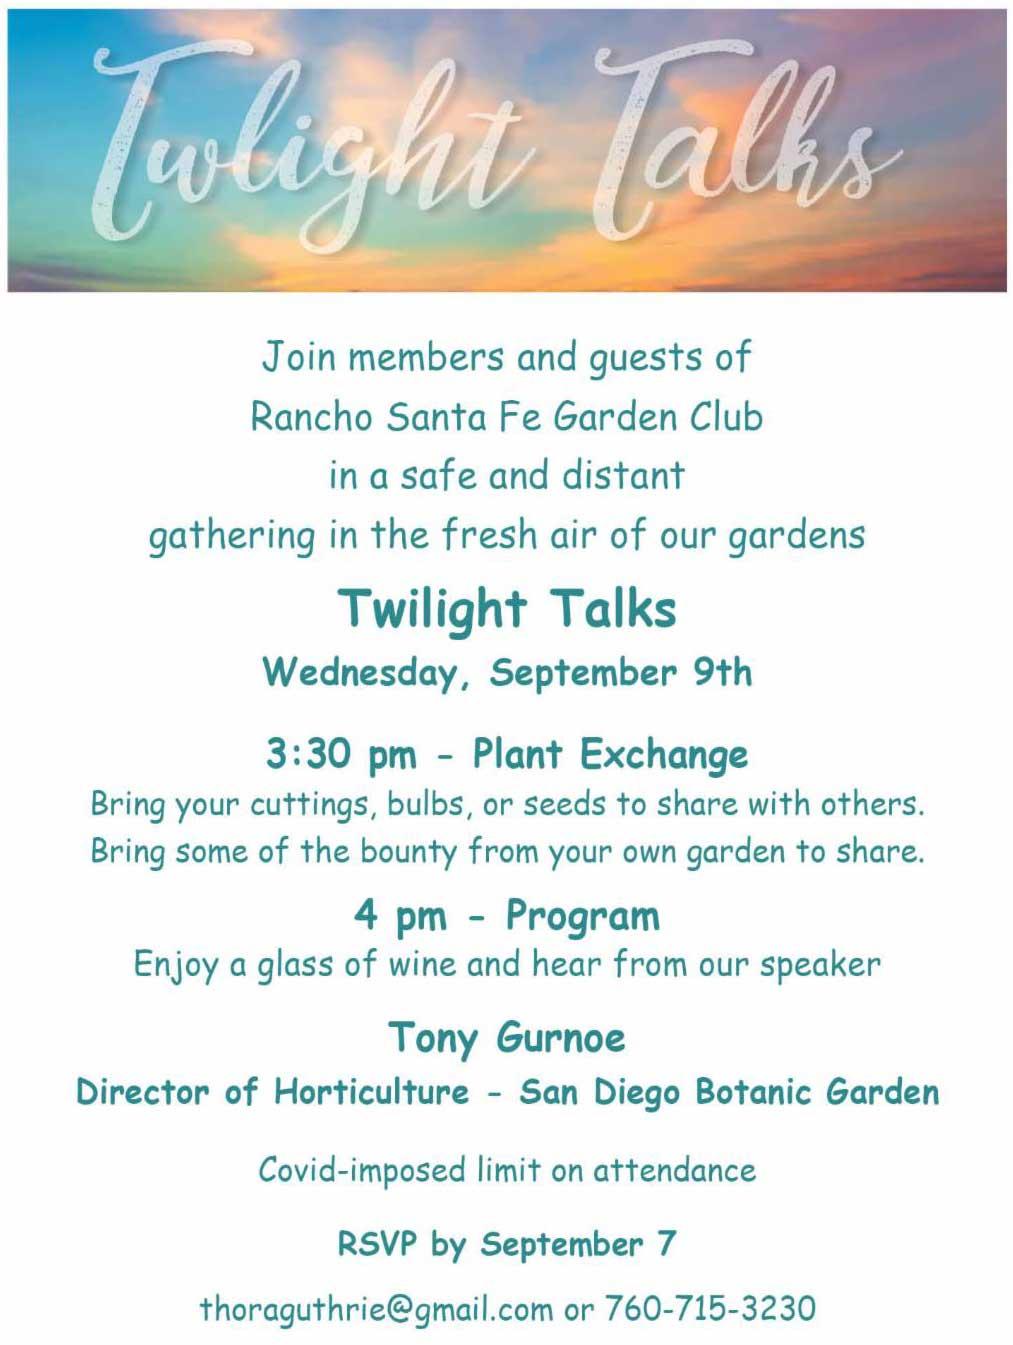 Twilight Talks